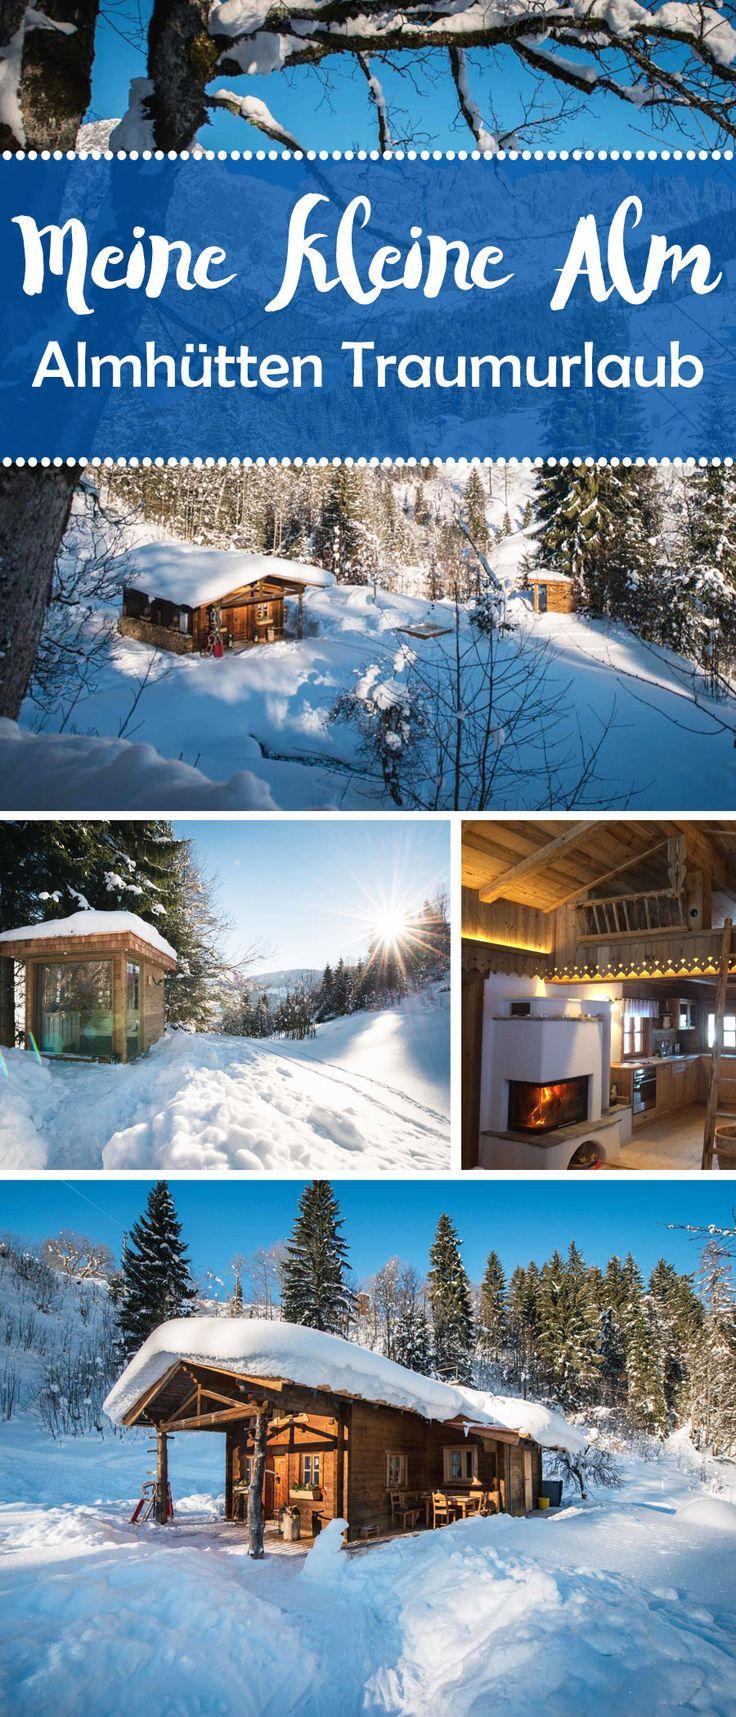 """Ruhe und Erholunginmitten einer Umgebung vollUrsprünglichkeit? GemeinsameZeit mit der Familieverbringen – woNaturund dasMiteinanderim Mittelpunkt steht? Dann fühlt ihr euch in """"Meiner kleinen Alm"""" sicher wohl.#Almhütte #Berge #Österreich #Salzburg #Winter #Ski #Schnee #Reisetipps #Sauna #Wellness #Whirlpool"""